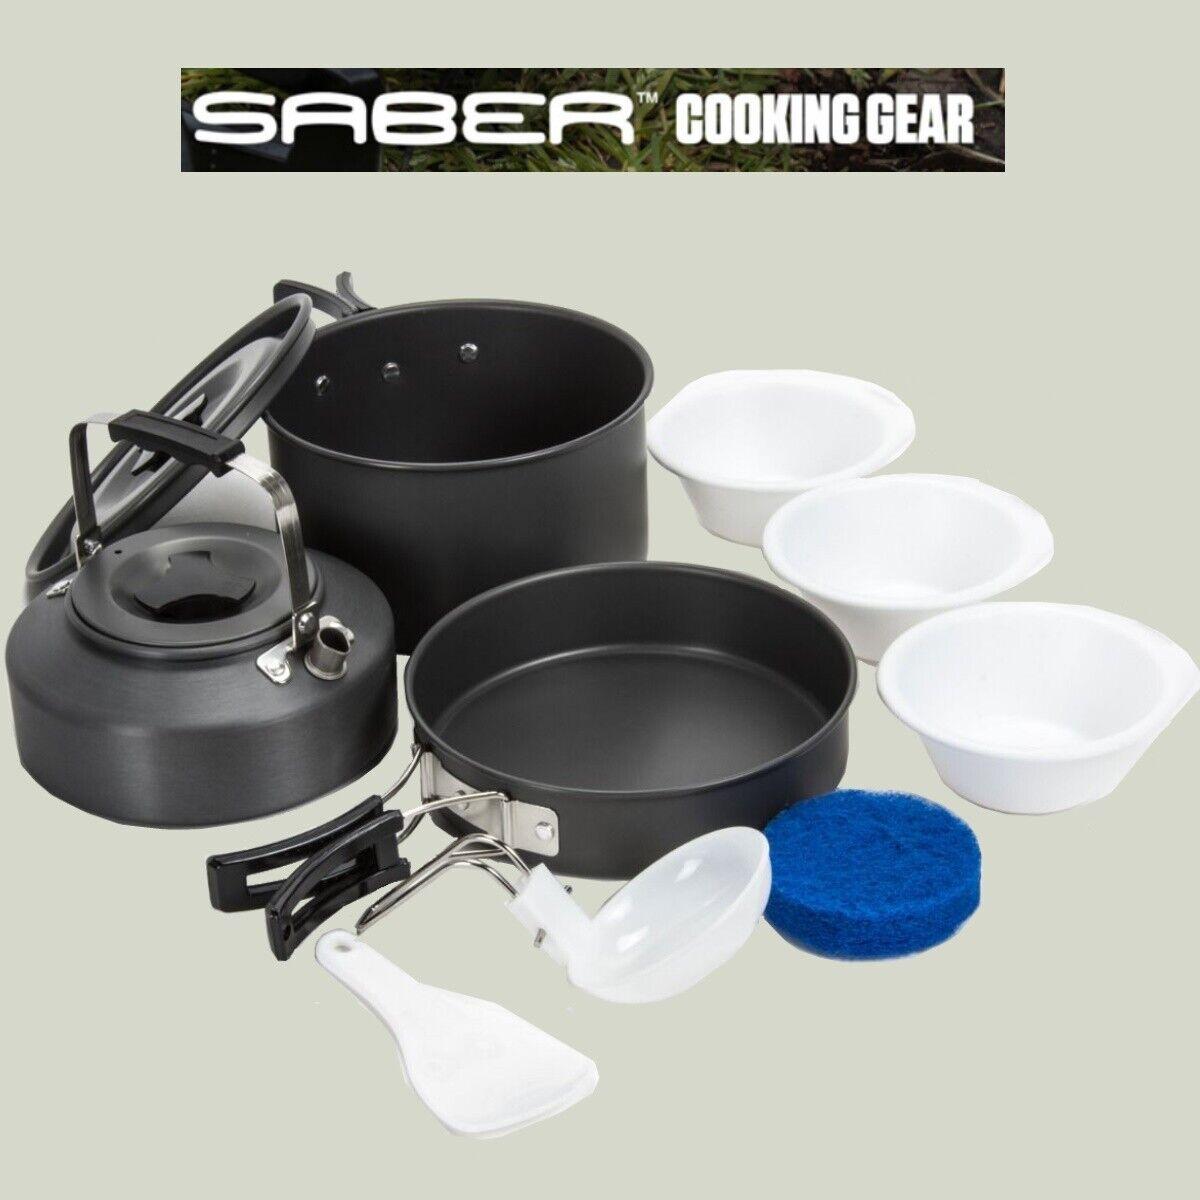 Saber Carp Fishing Cookset Kettle Frying Pan Saucepan Bowls Utensils Camping